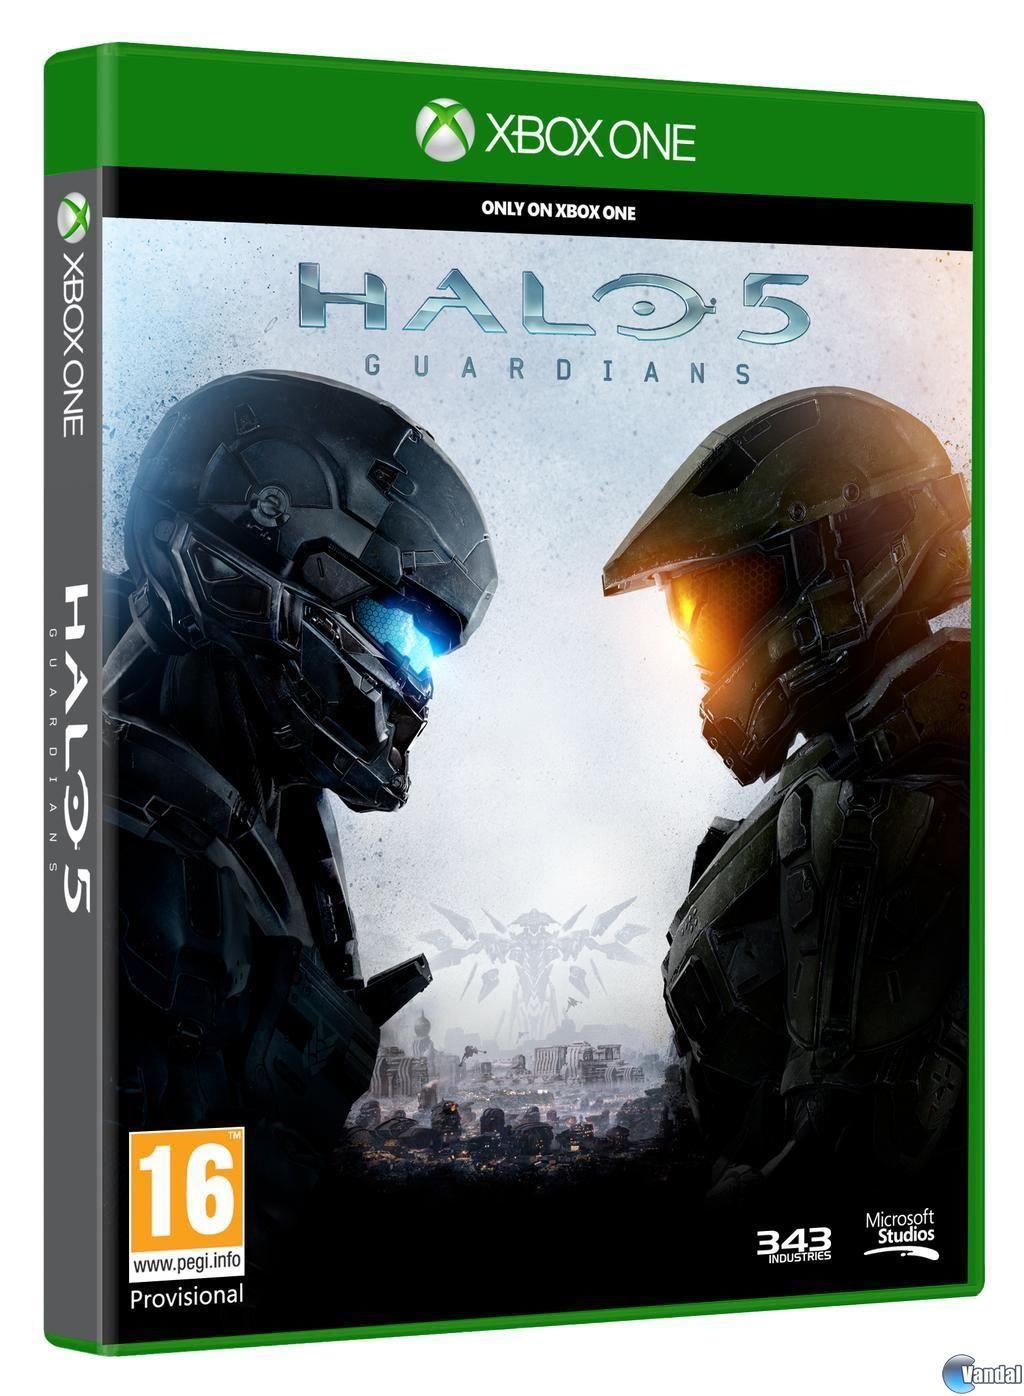 Xbox: Halo 5: Guardians juega GRATIS del 29 de Junio al 5 de Julio (Usuarios Gold)